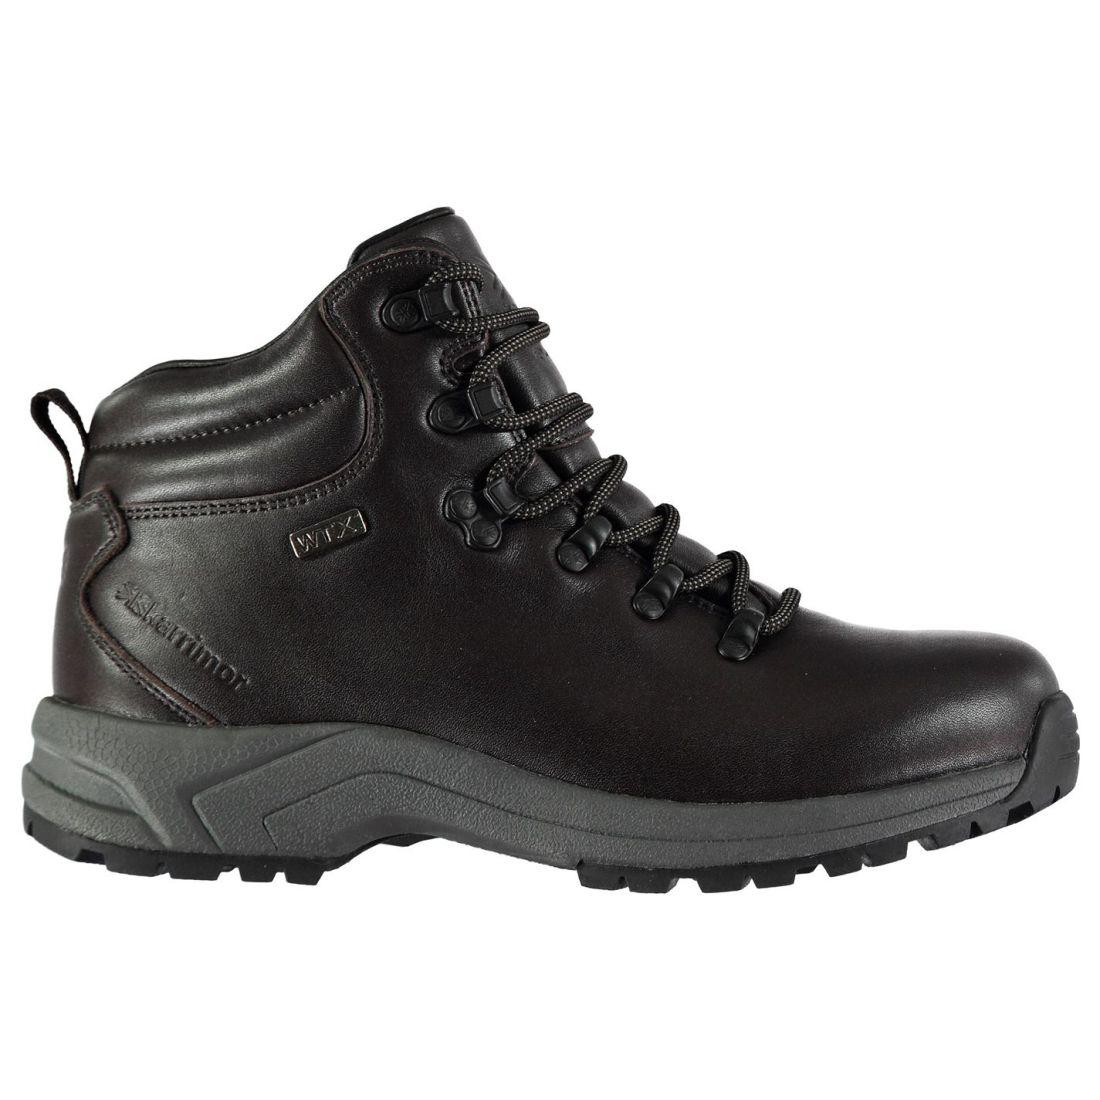 Karrimor Mujeres Batura Wtx cordones Caminar botas con cordones Wtx impermeable y transpirable acolchado d423bf